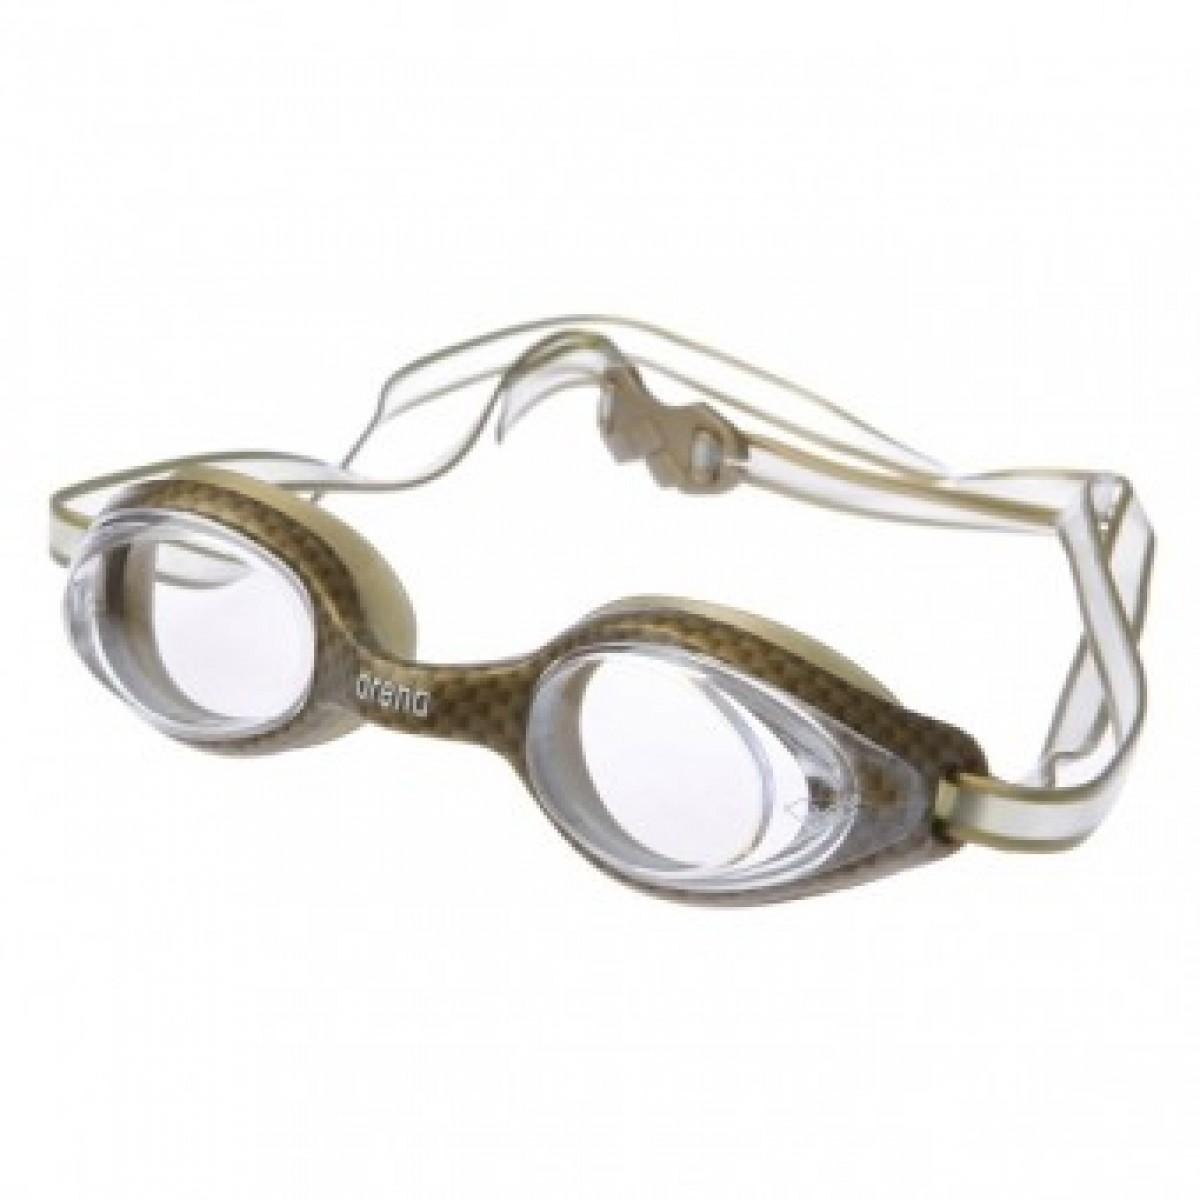 очки зaщитные для стрaйкболa